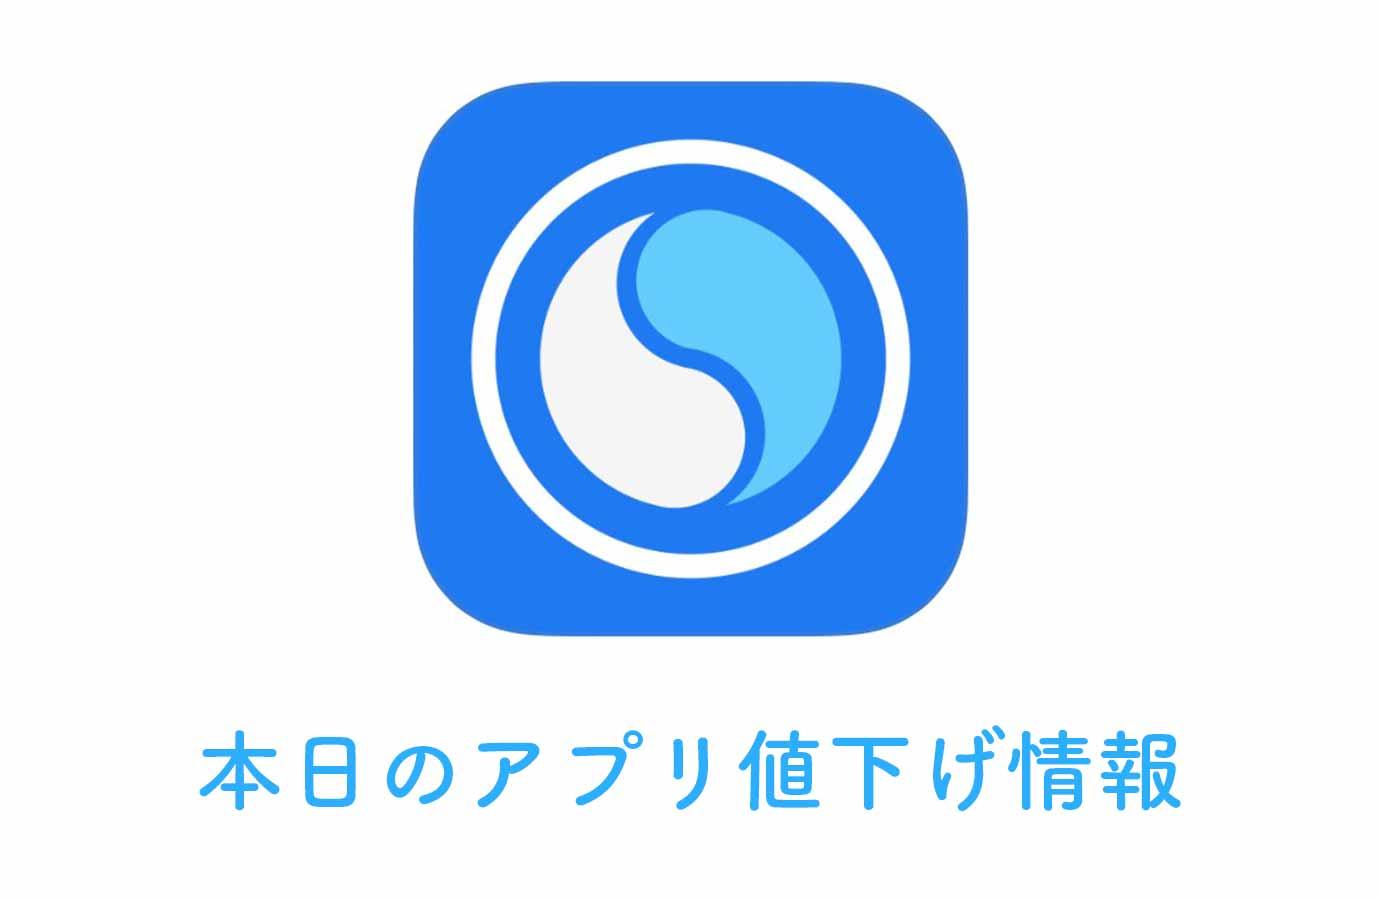 250円 → 無料!360度フルパノラマ写真を撮れる「DMD Panorama」など【6月13日版】アプリ値下げ情報